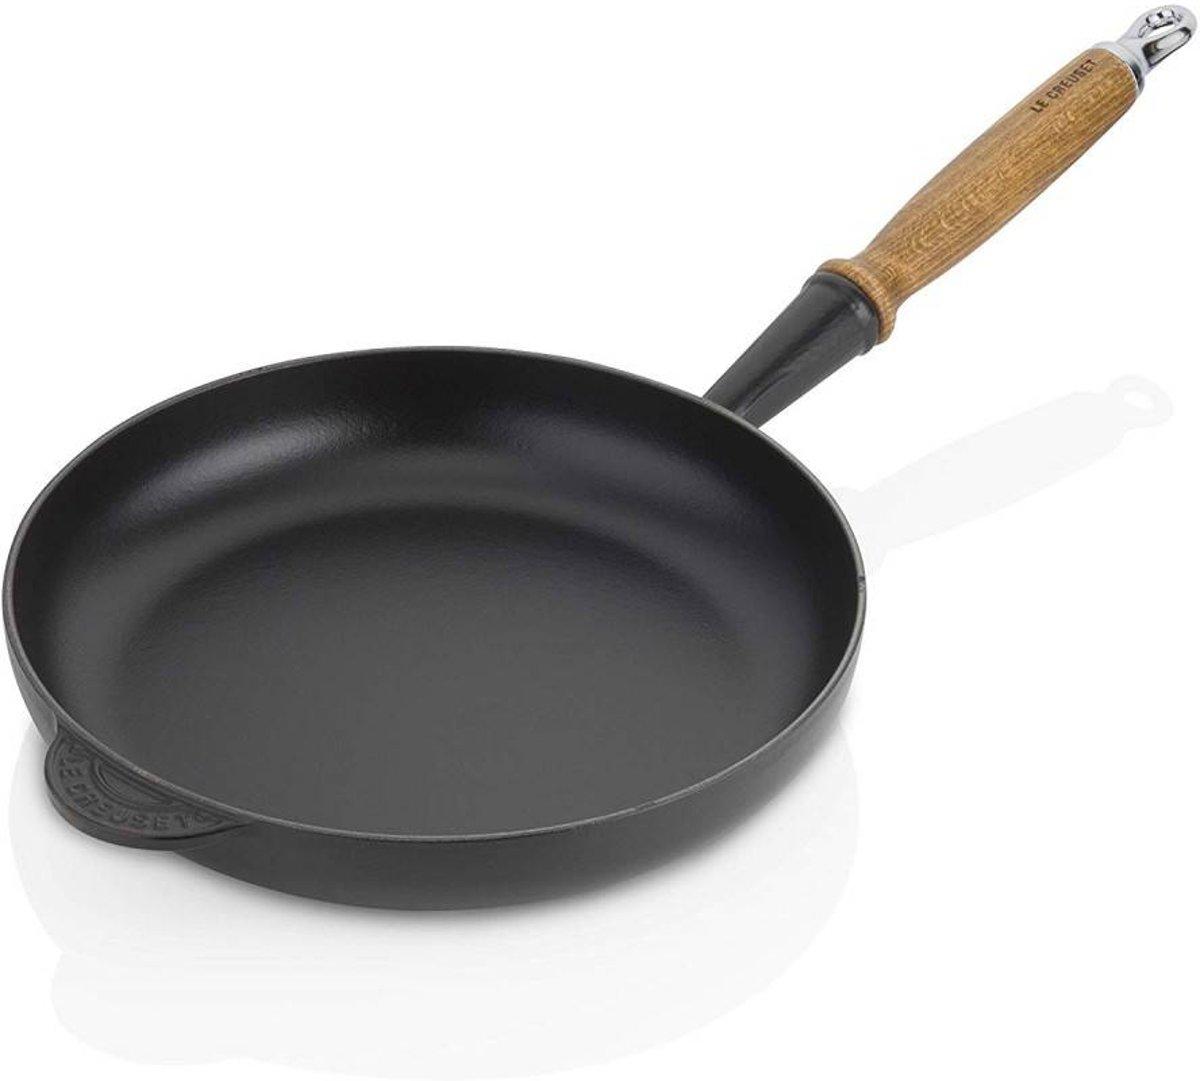 Le Creuset Koekenpan - Ø 28 cm - Zwart